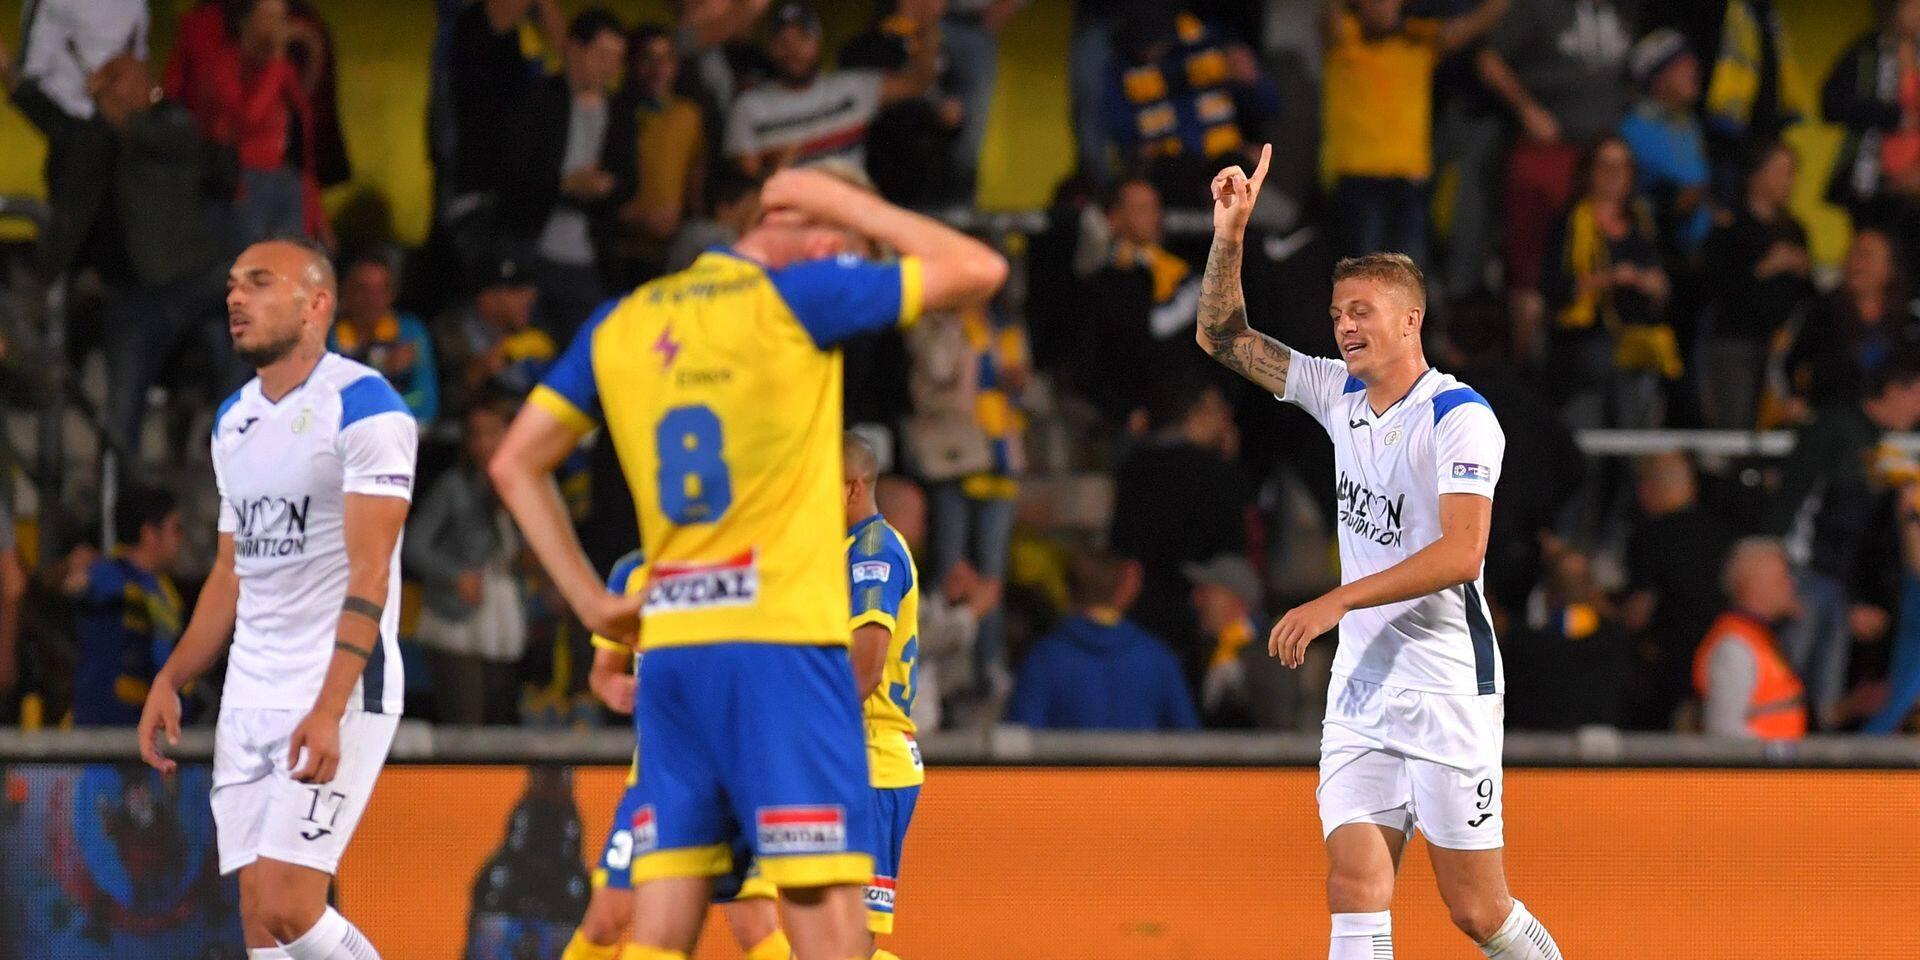 L'Union s'impose 1-2 à Westerlo et sauve la première place de Virton